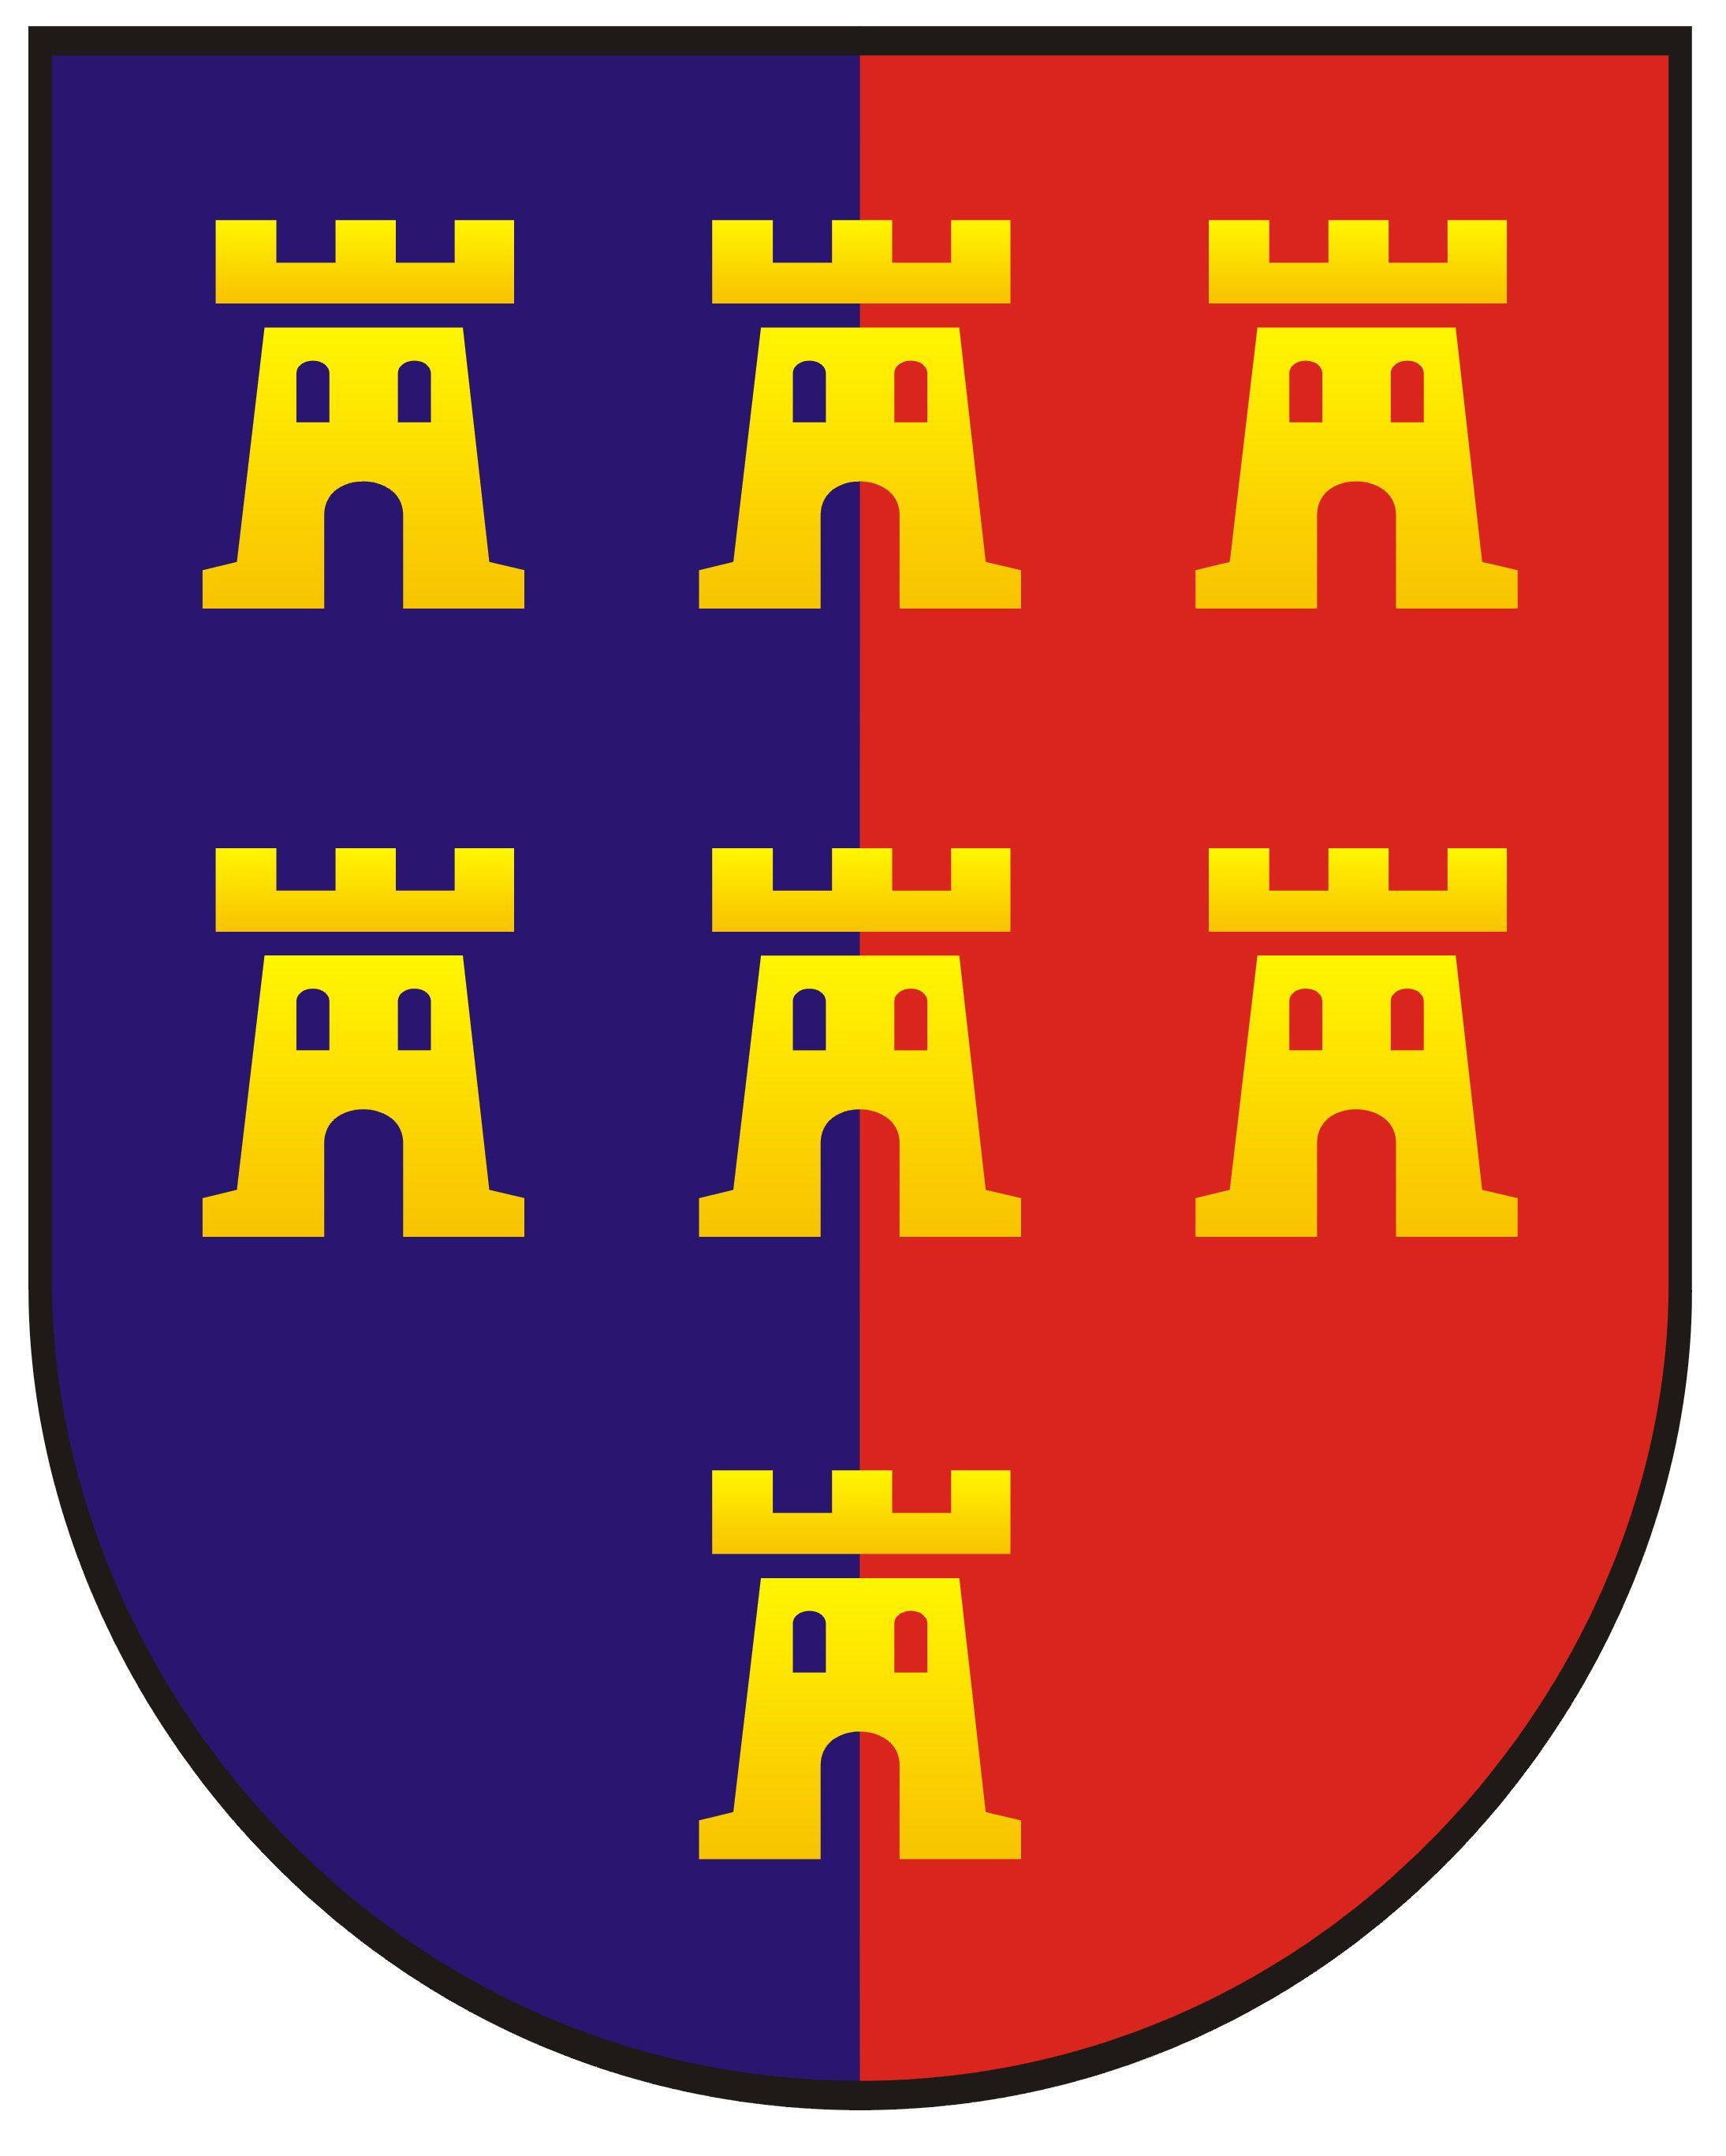 Siebenbürgisch-Sächsischer Brauchtumsverein e.V. Pfullendorf